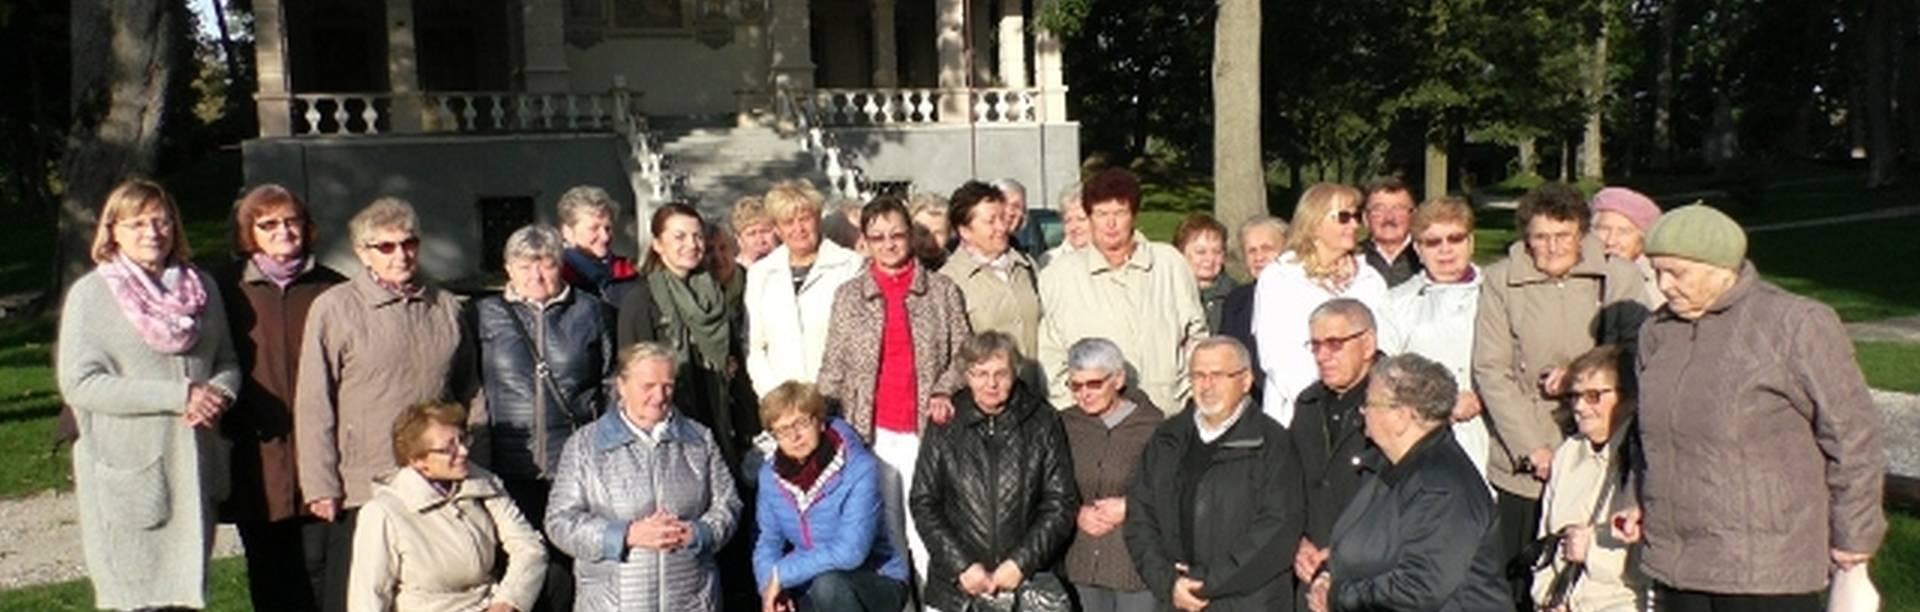 Rekolekcje Koła Przyjaciół KRP za nami (ZDJĘCIA)